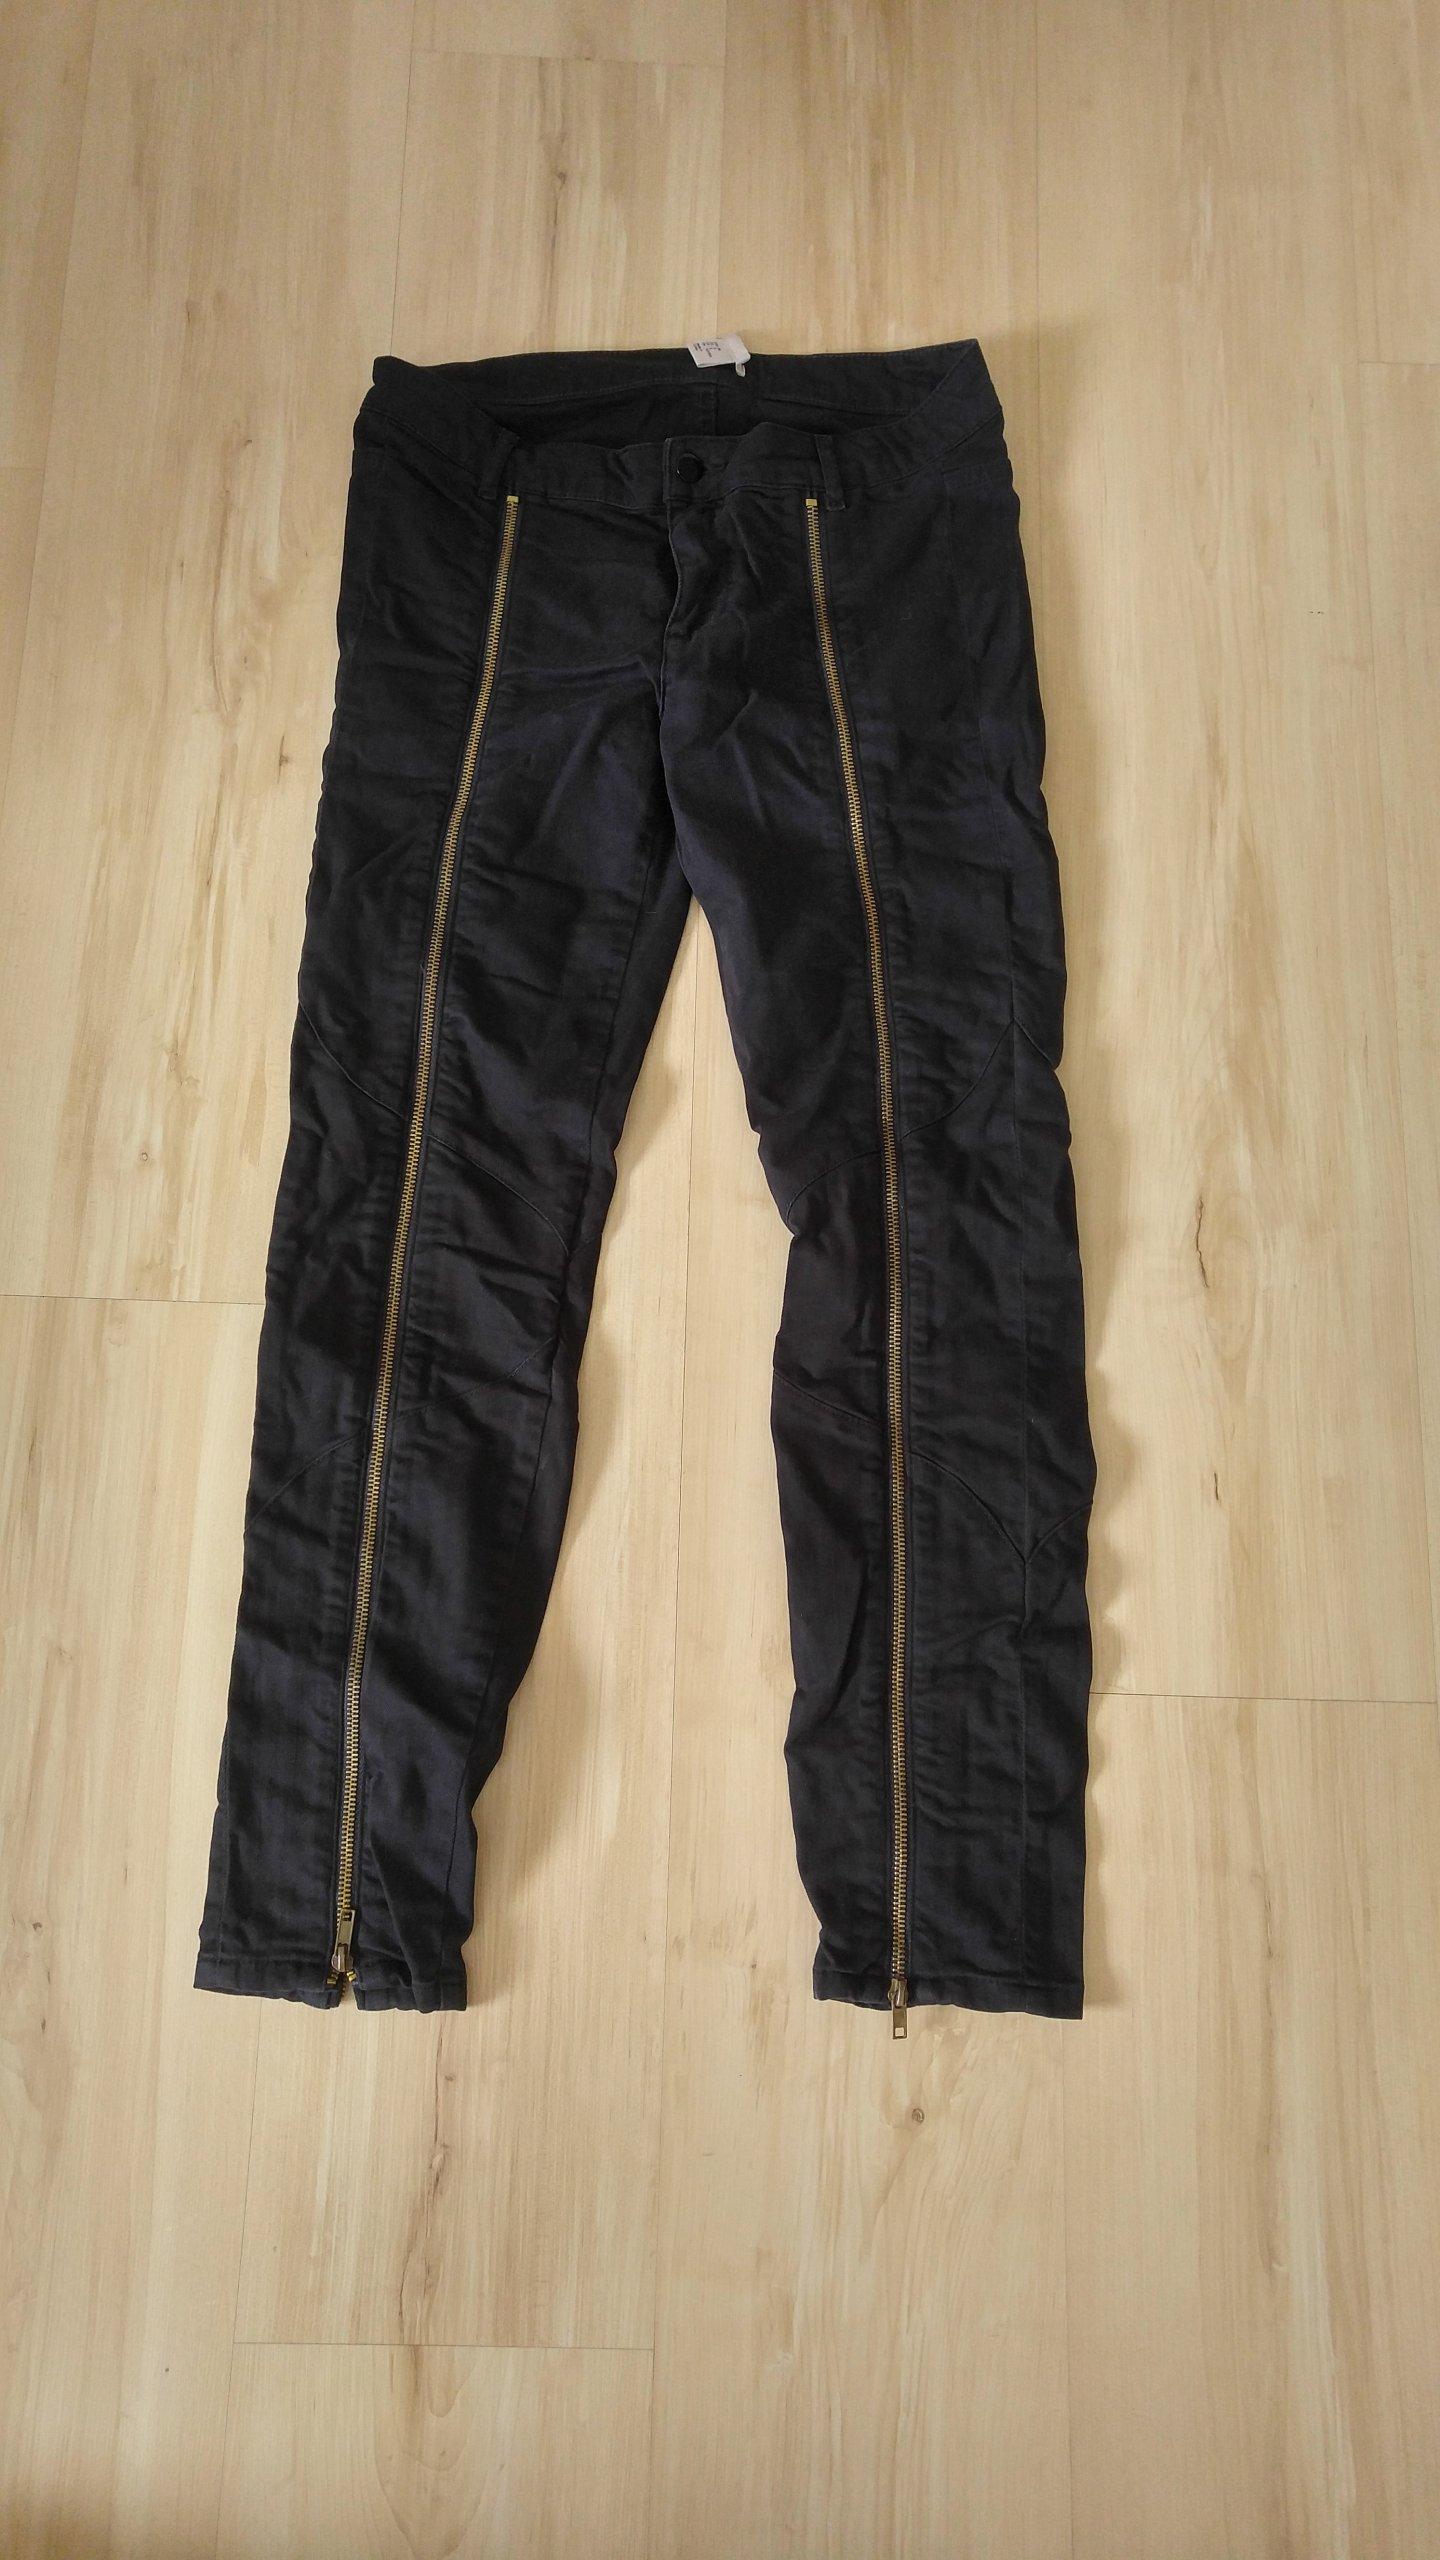 H&M Spodnie jeans zamki motocyklowe 38